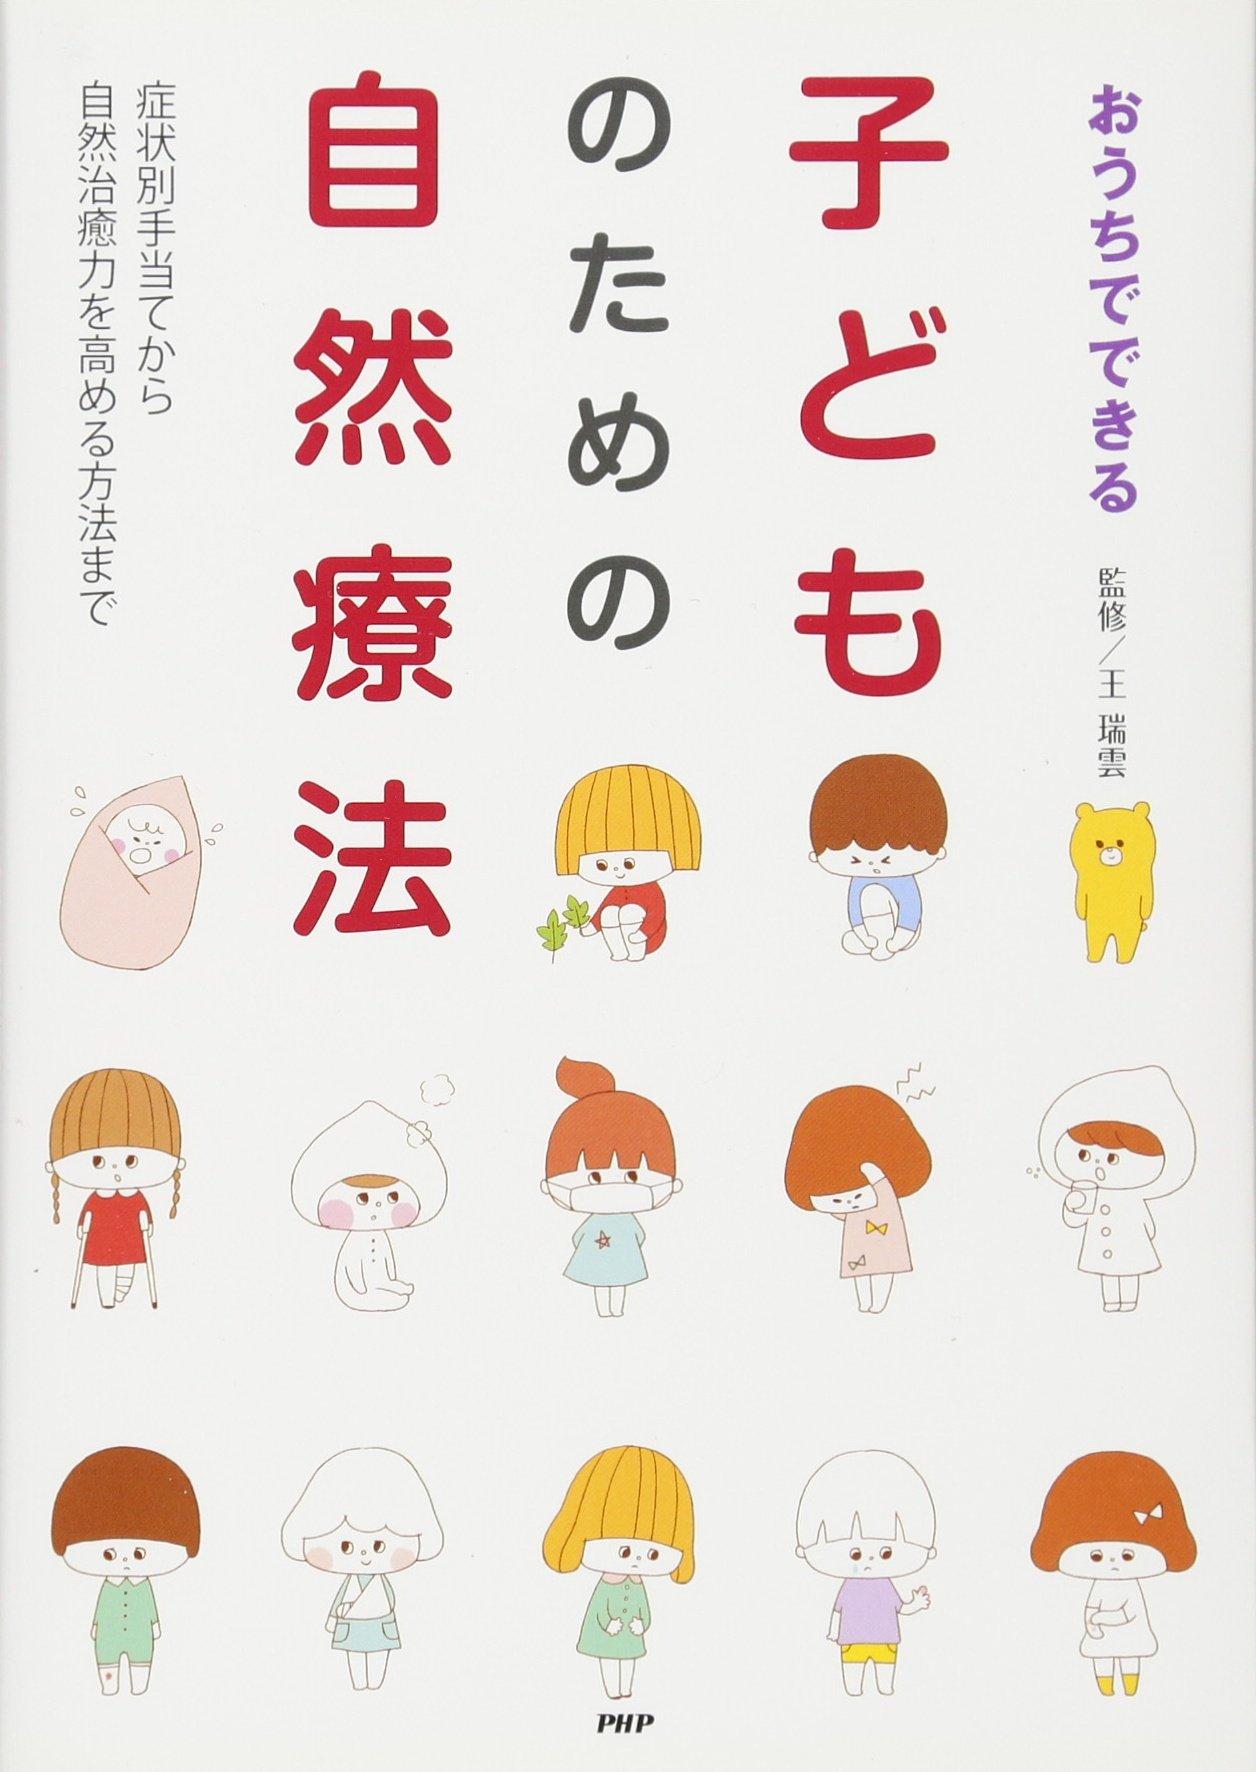 Download Ōchi de dekiru kodomo no tame no shizen ryōhō : shōjōbetsu teate kara shizen chiyuryoku o takameru hōhō made ebook